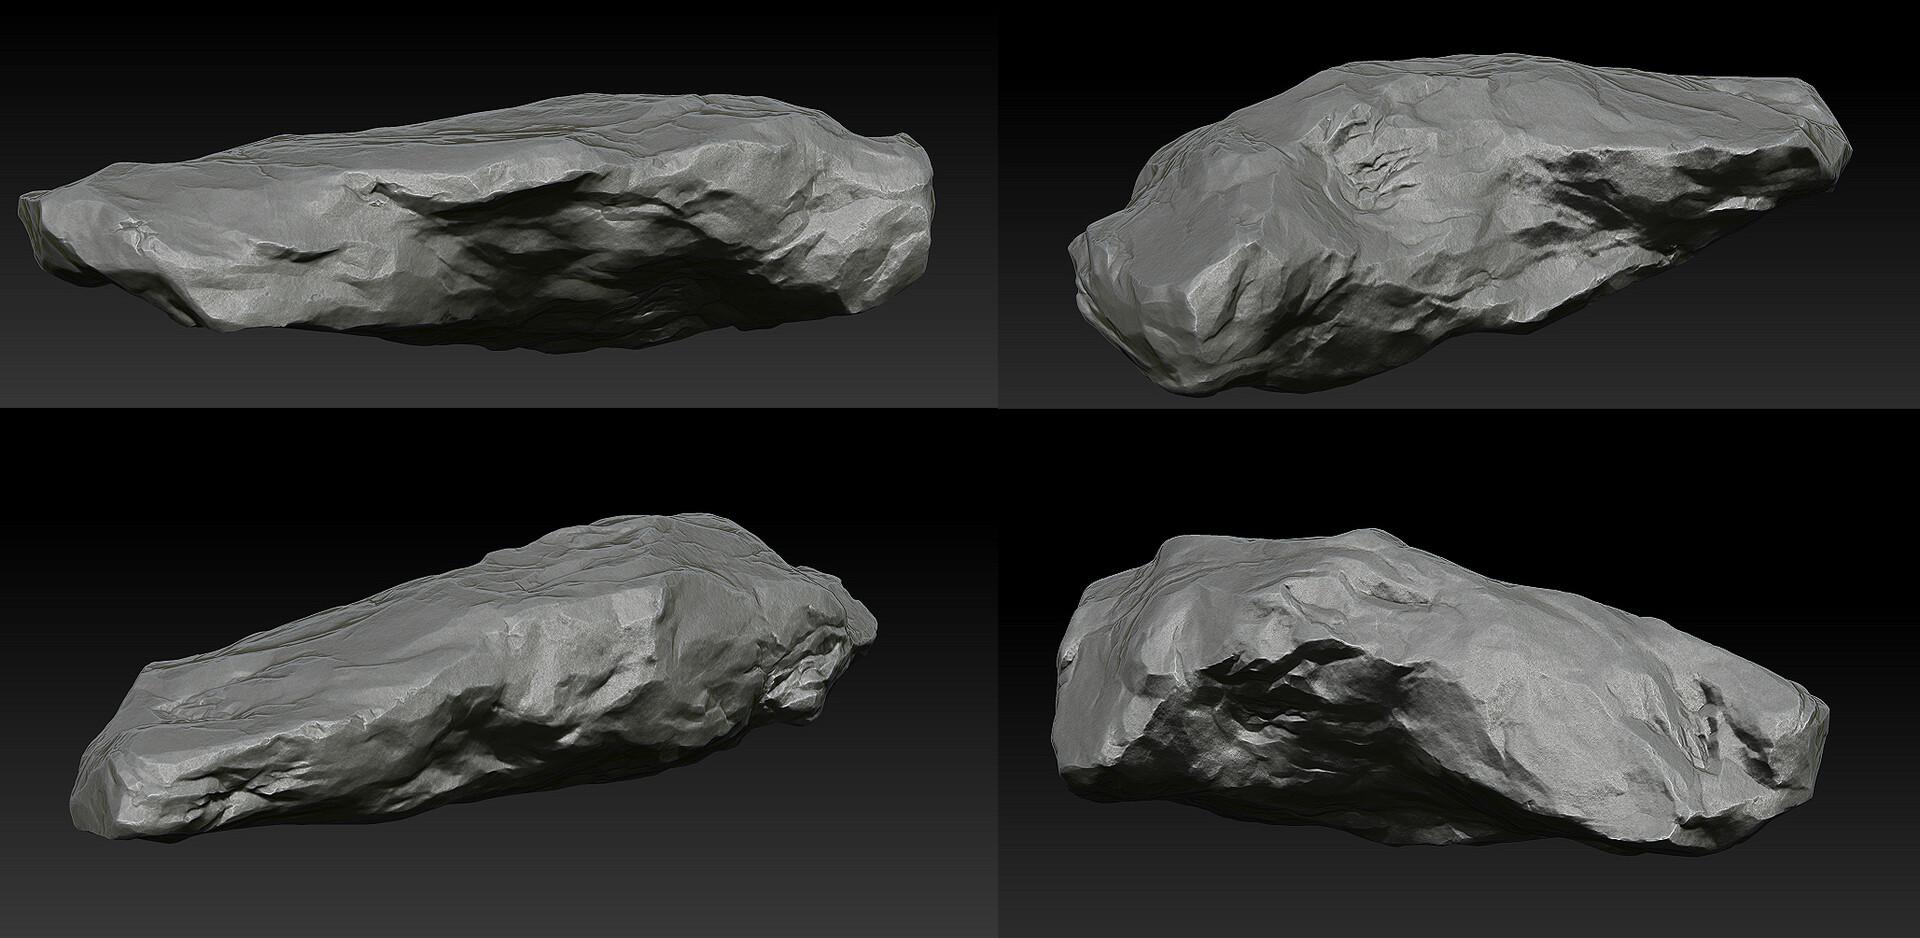 Zbrush rock sculpt practice